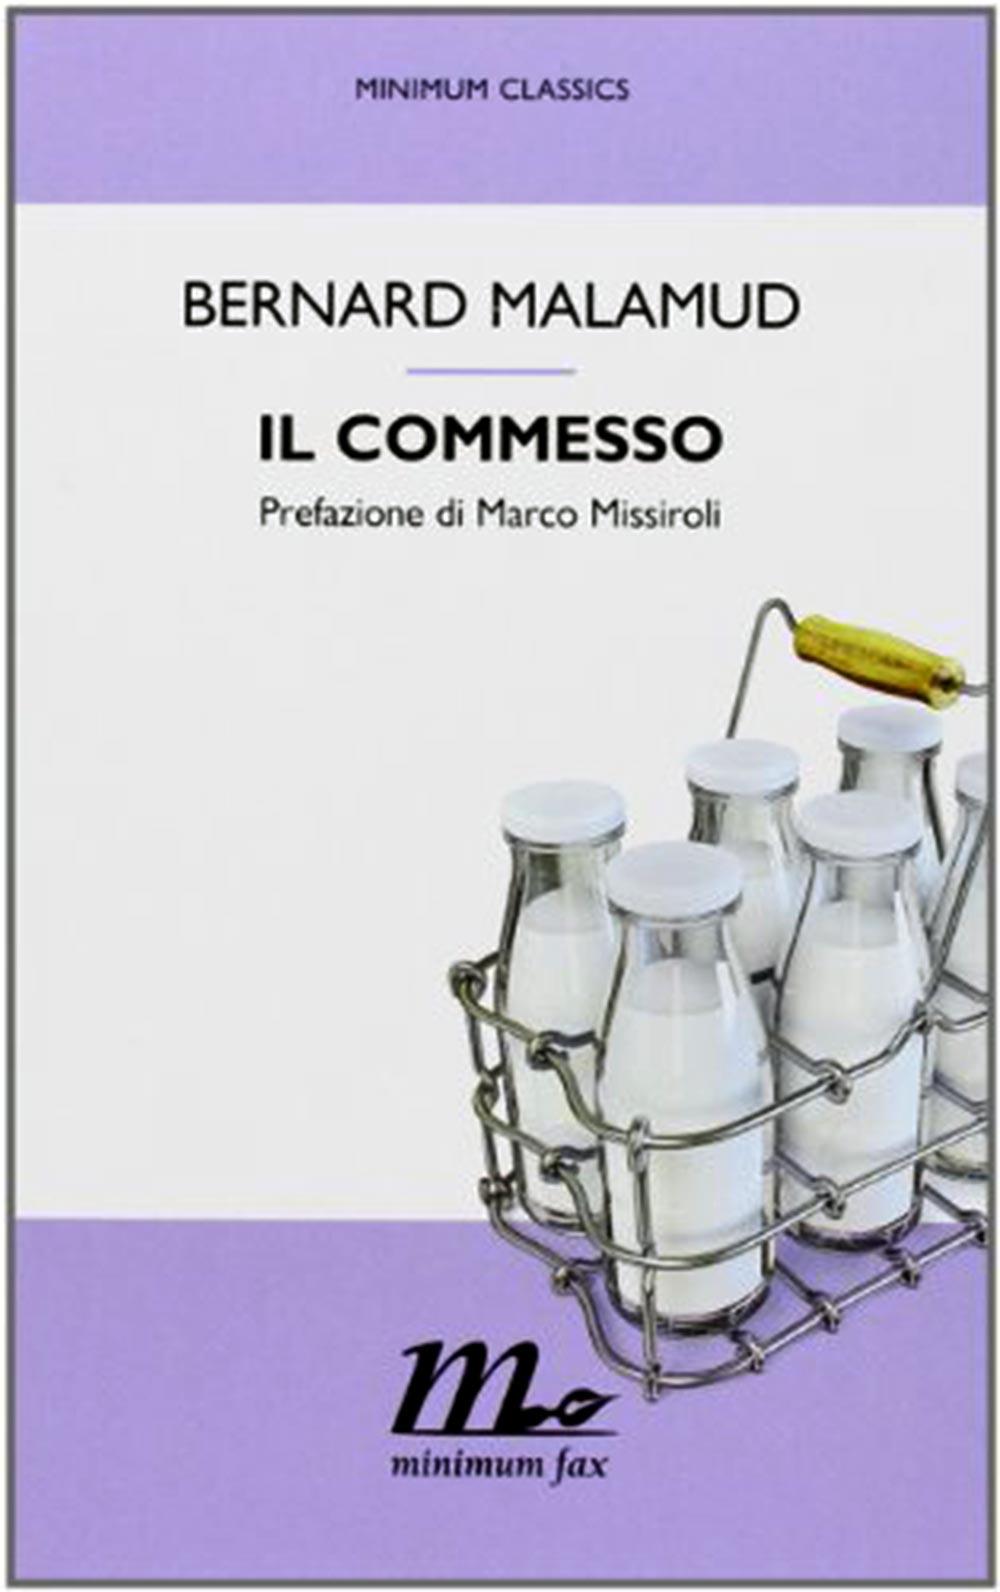 Bernard Malamud – Il Commesso